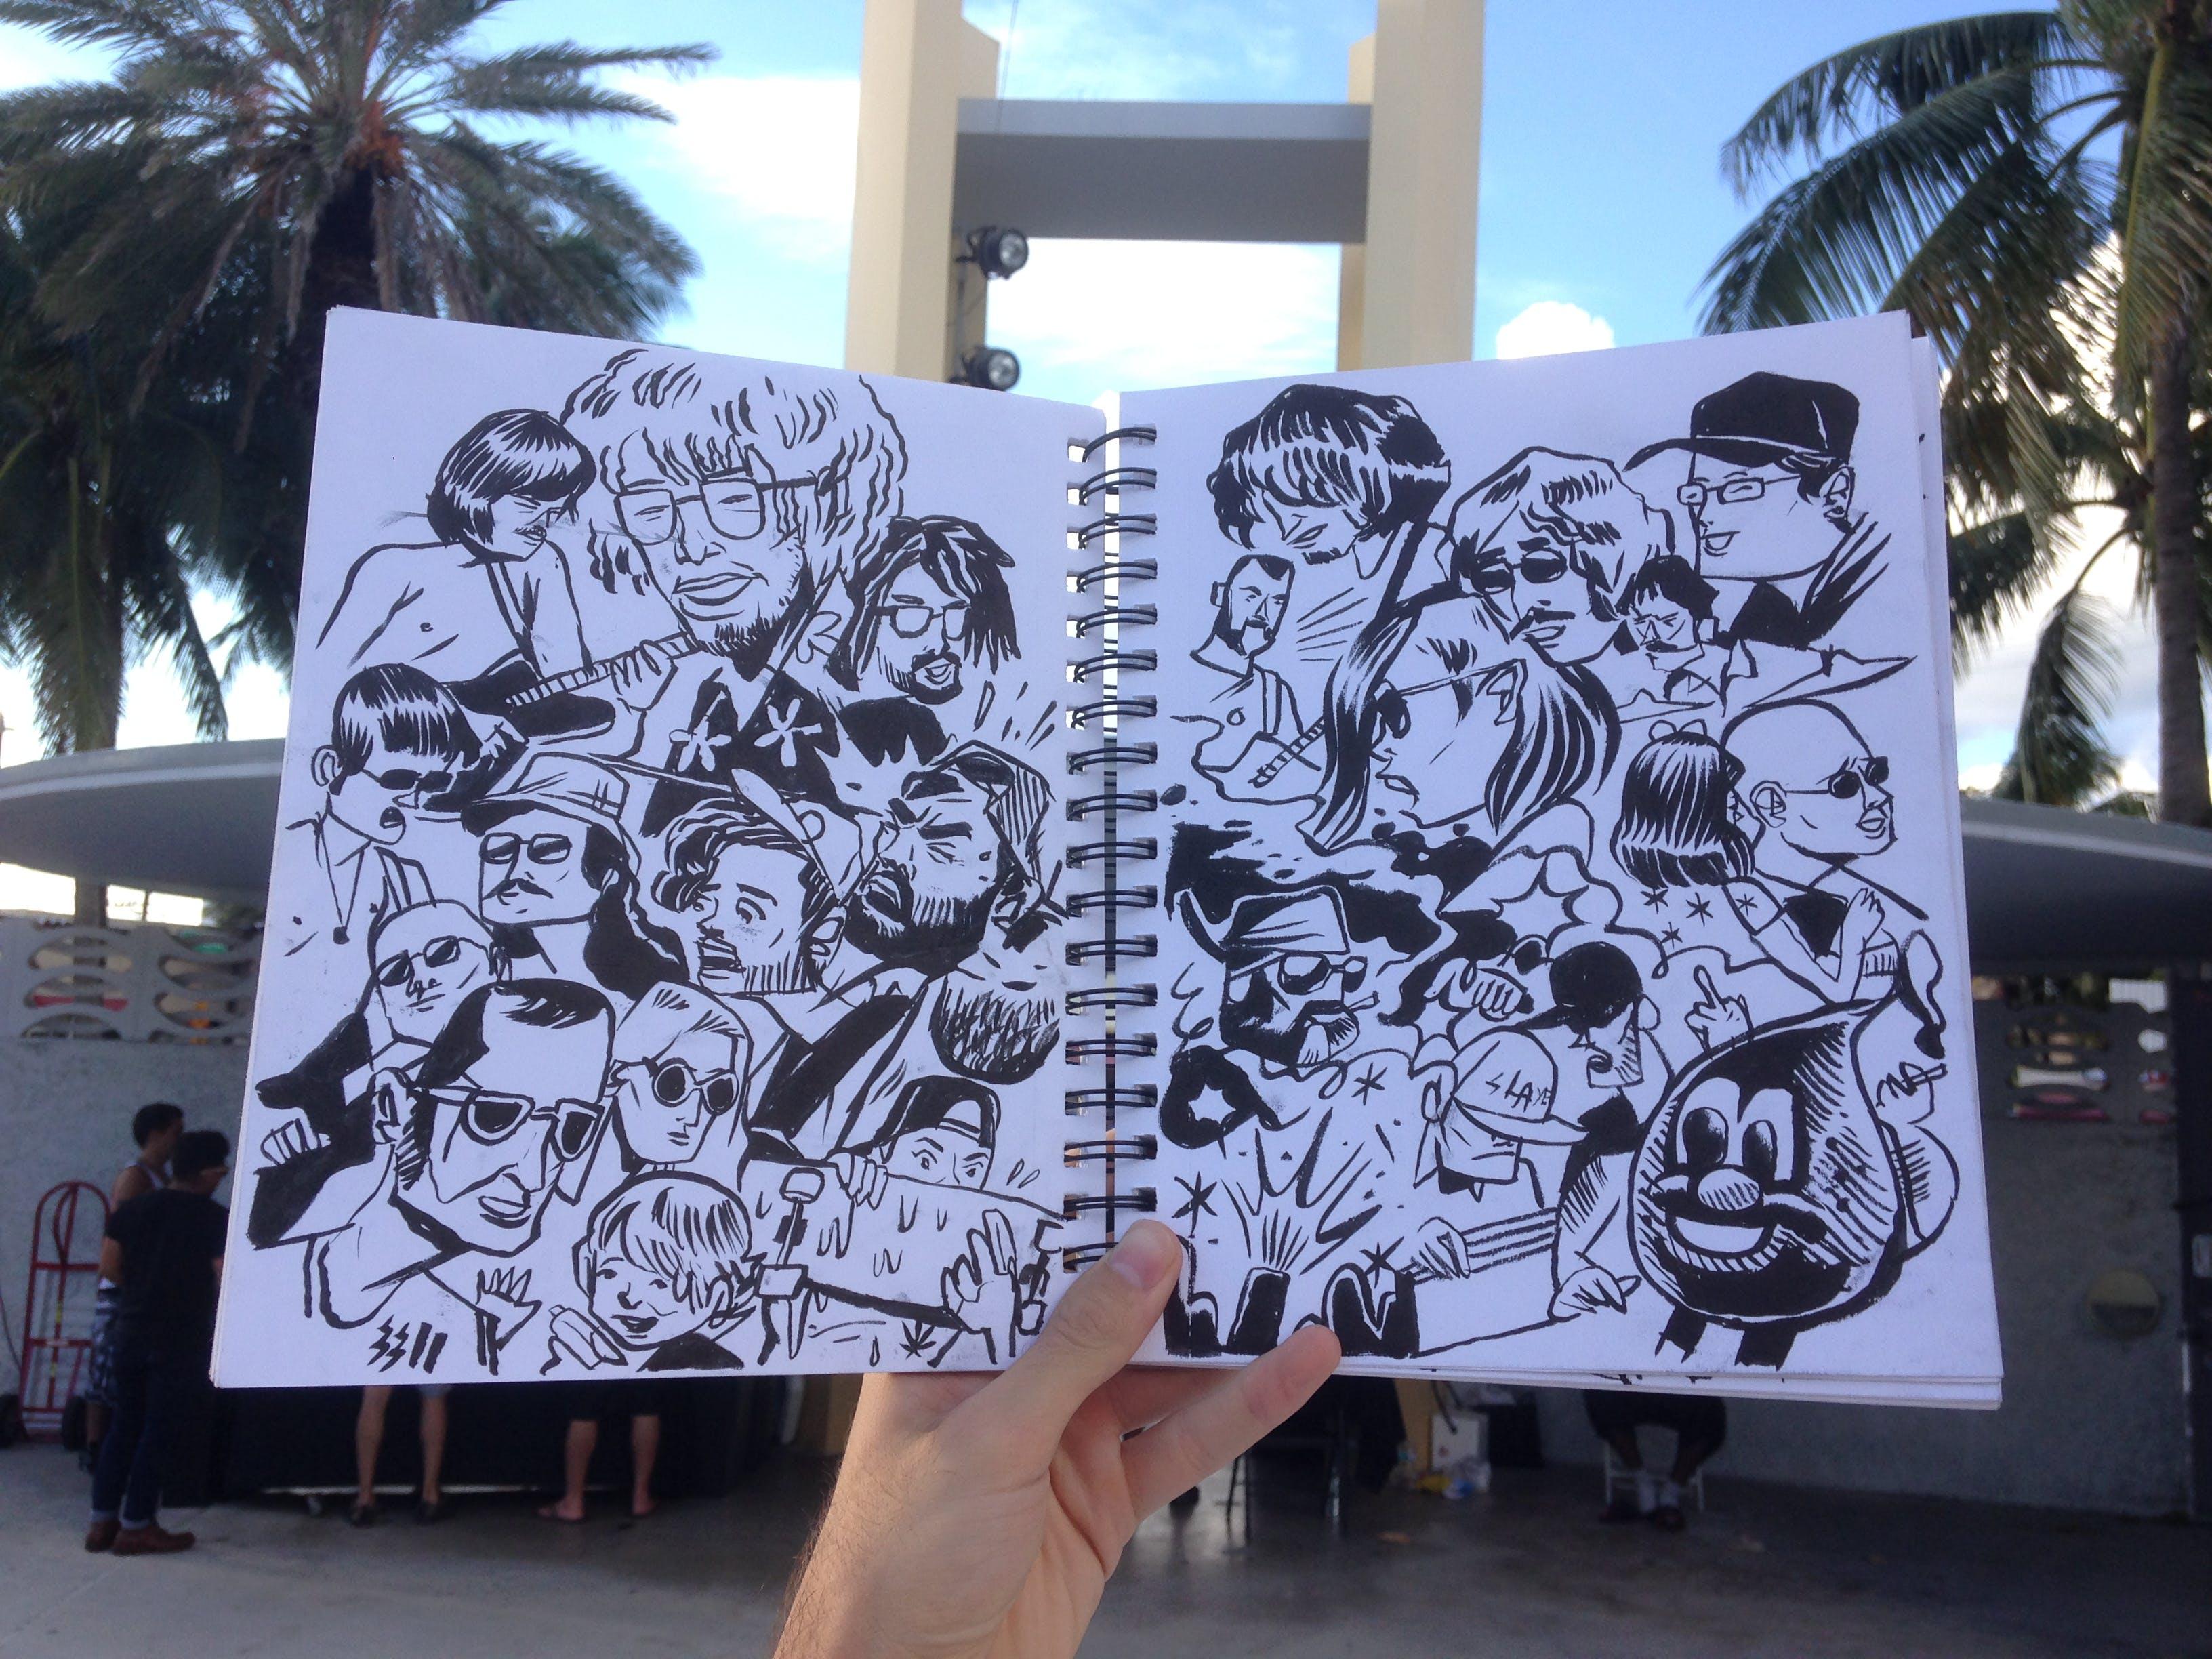 <p><em>Photo courtesy of Show Drawn.</em></p>